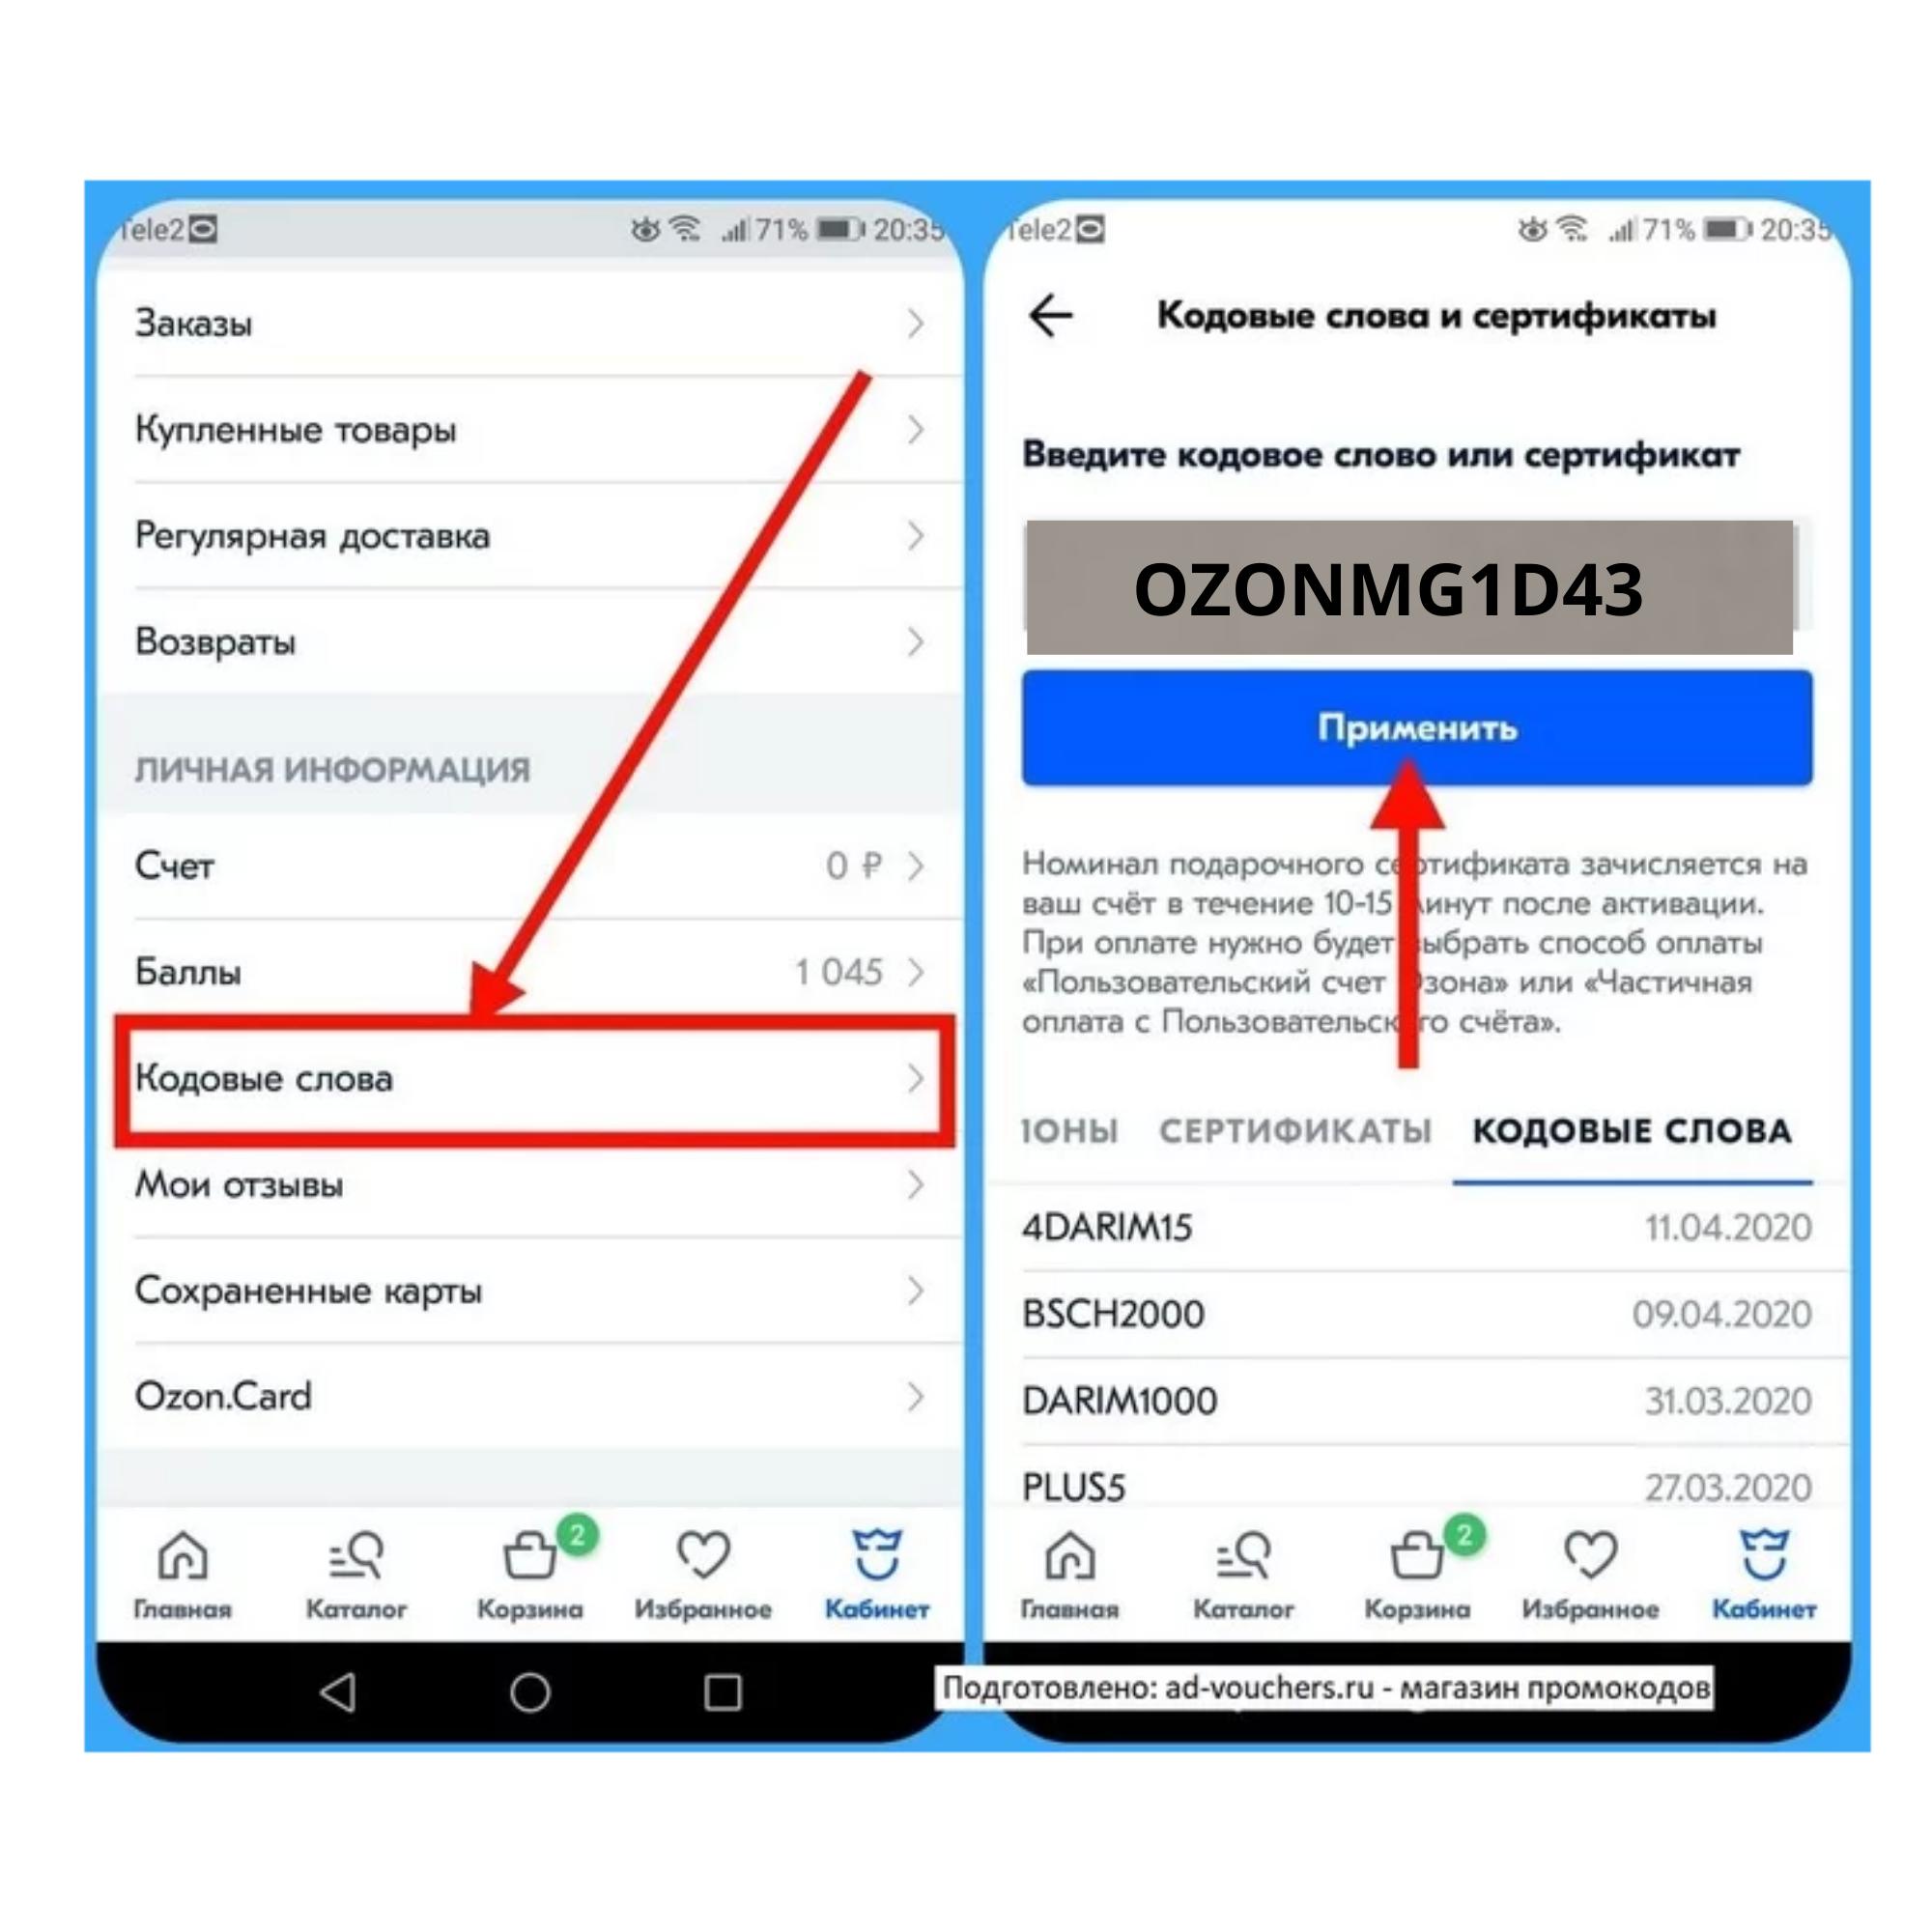 Ваш промокод Озон на первый заказ OZONMG1D43 получите 300 баллов (1 балл = 1 руб.)